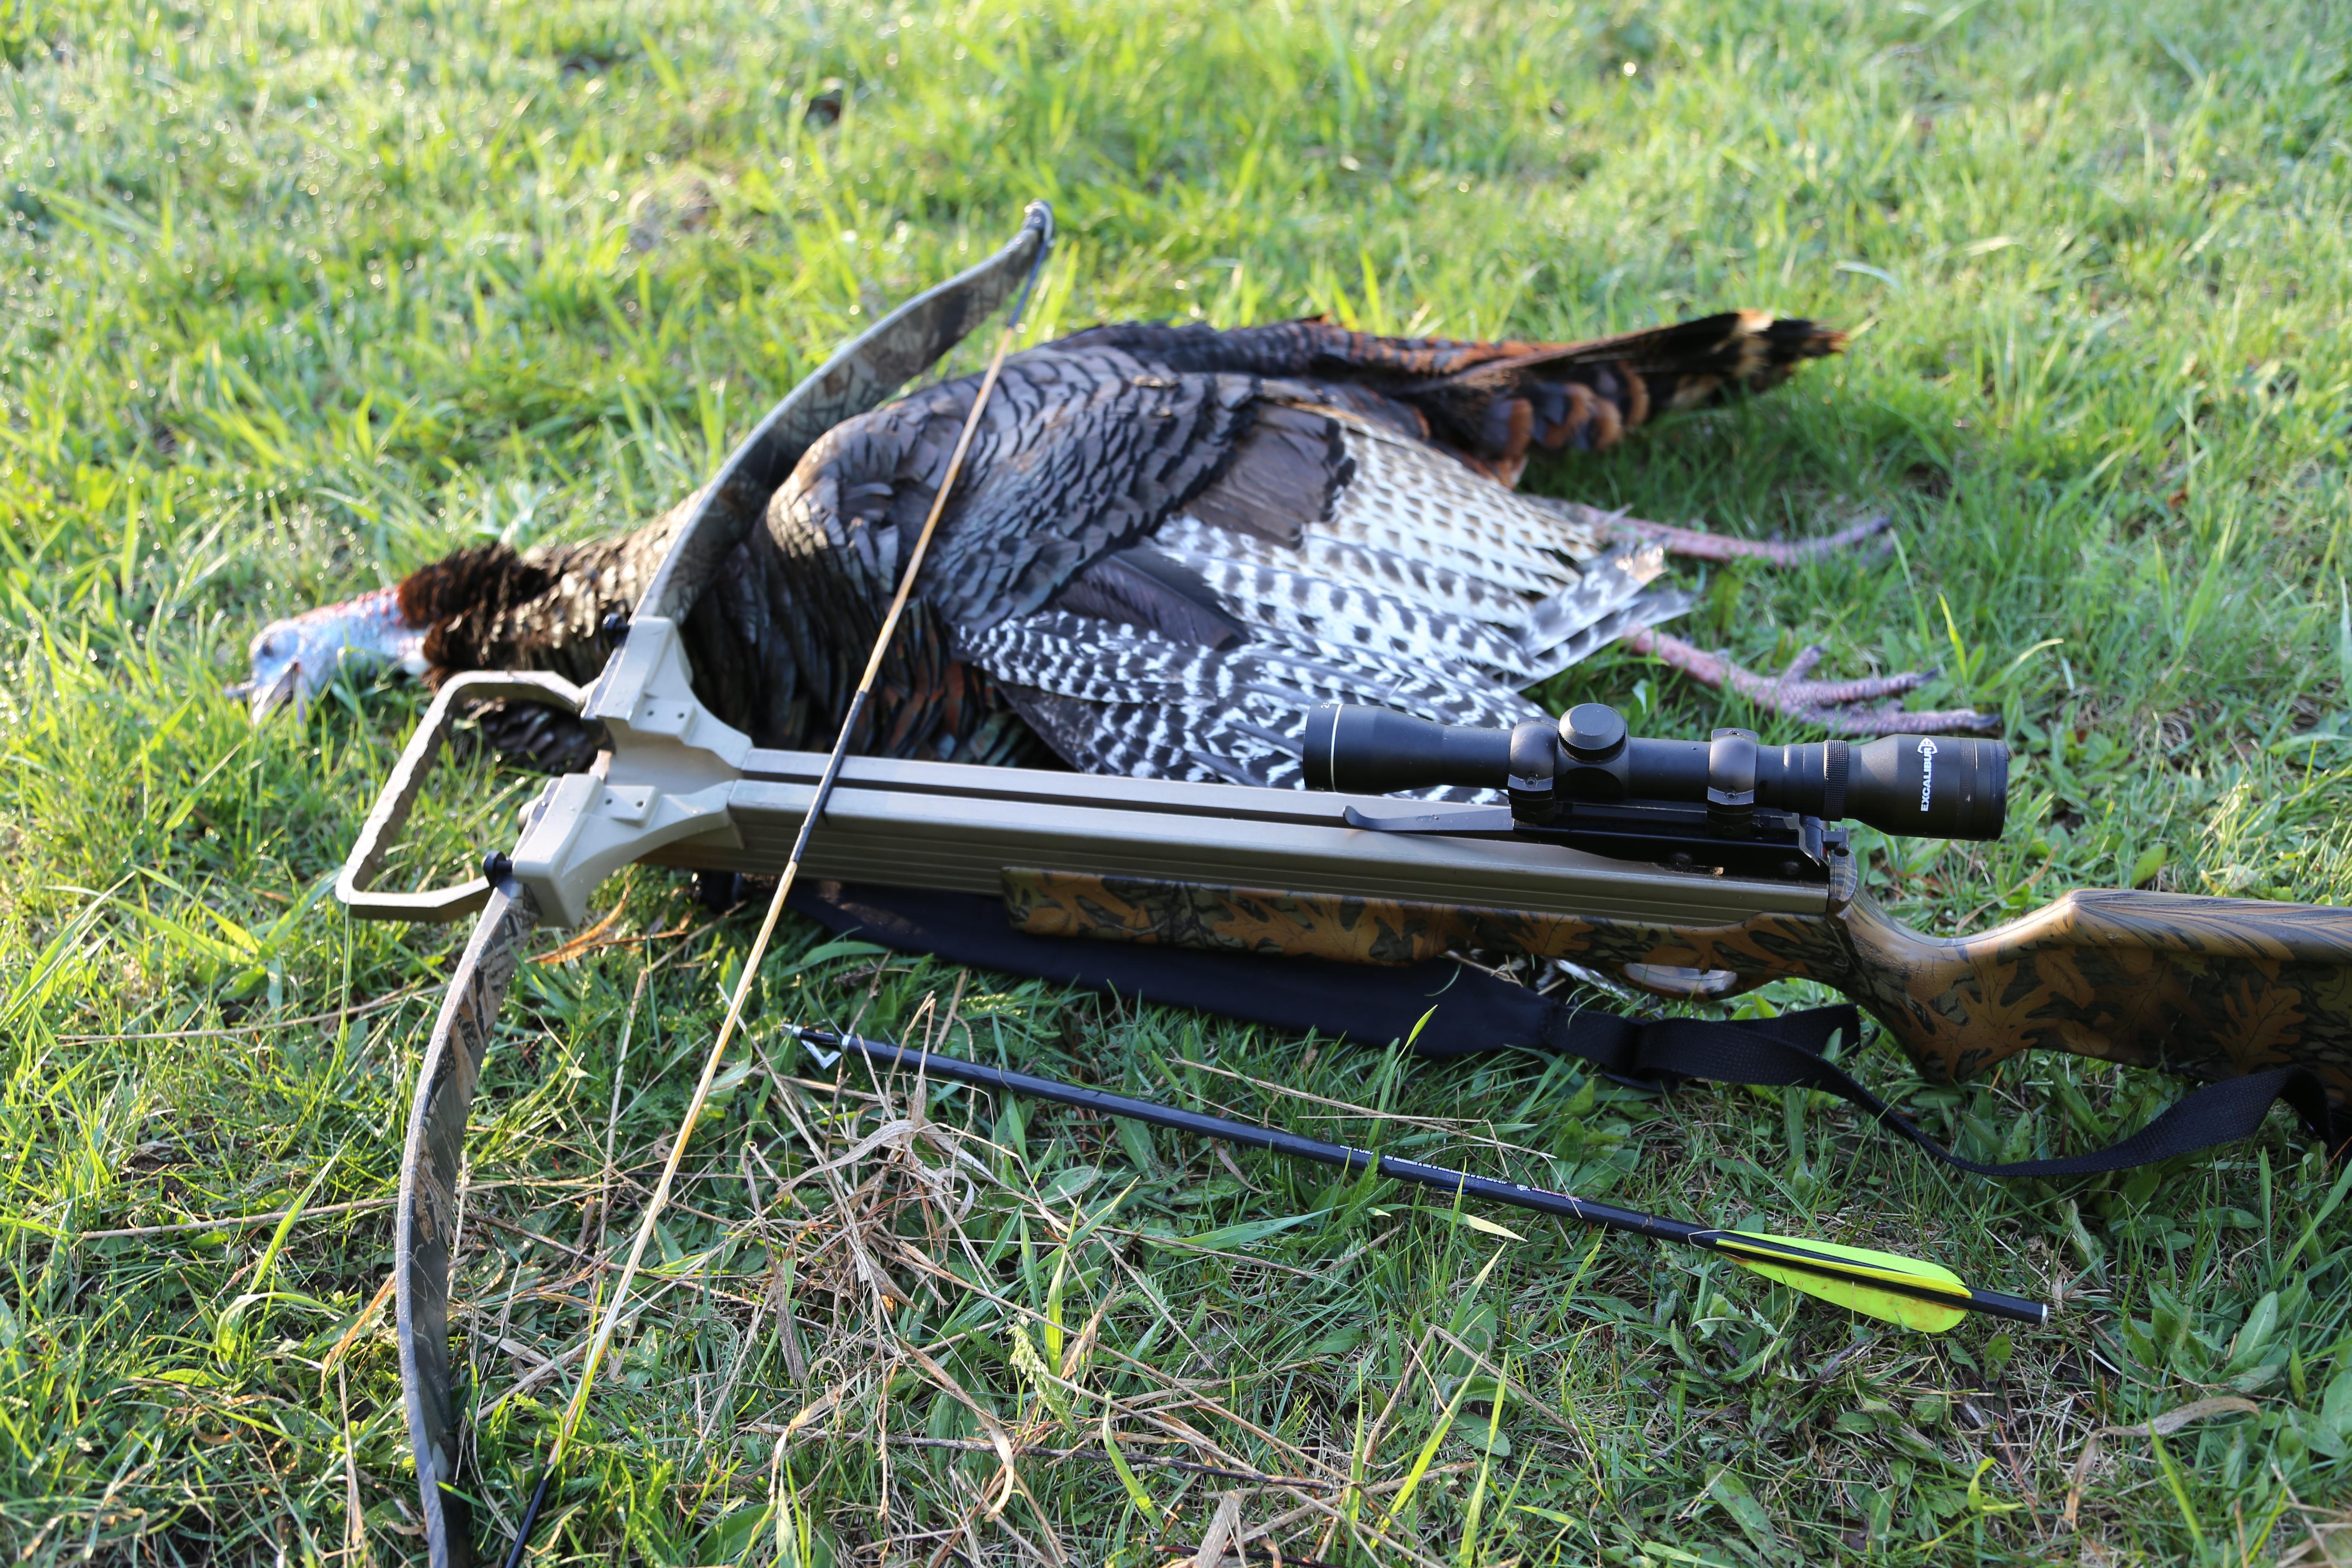 bowhunting vs gun hunting essay